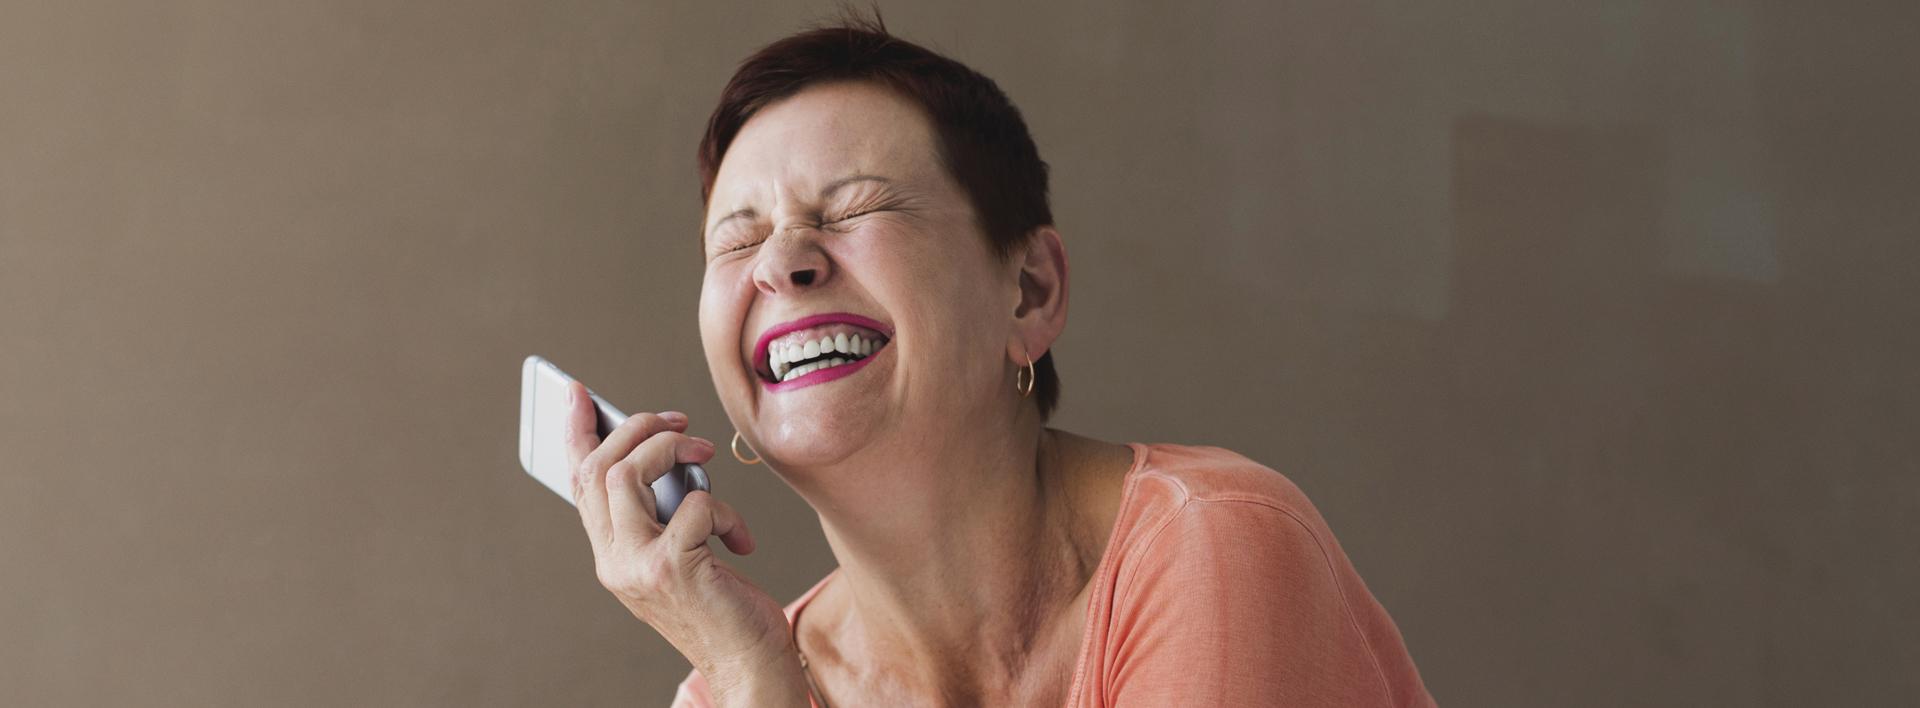 Trucchi e trucco per bellezze over 50: radiose per sempre!